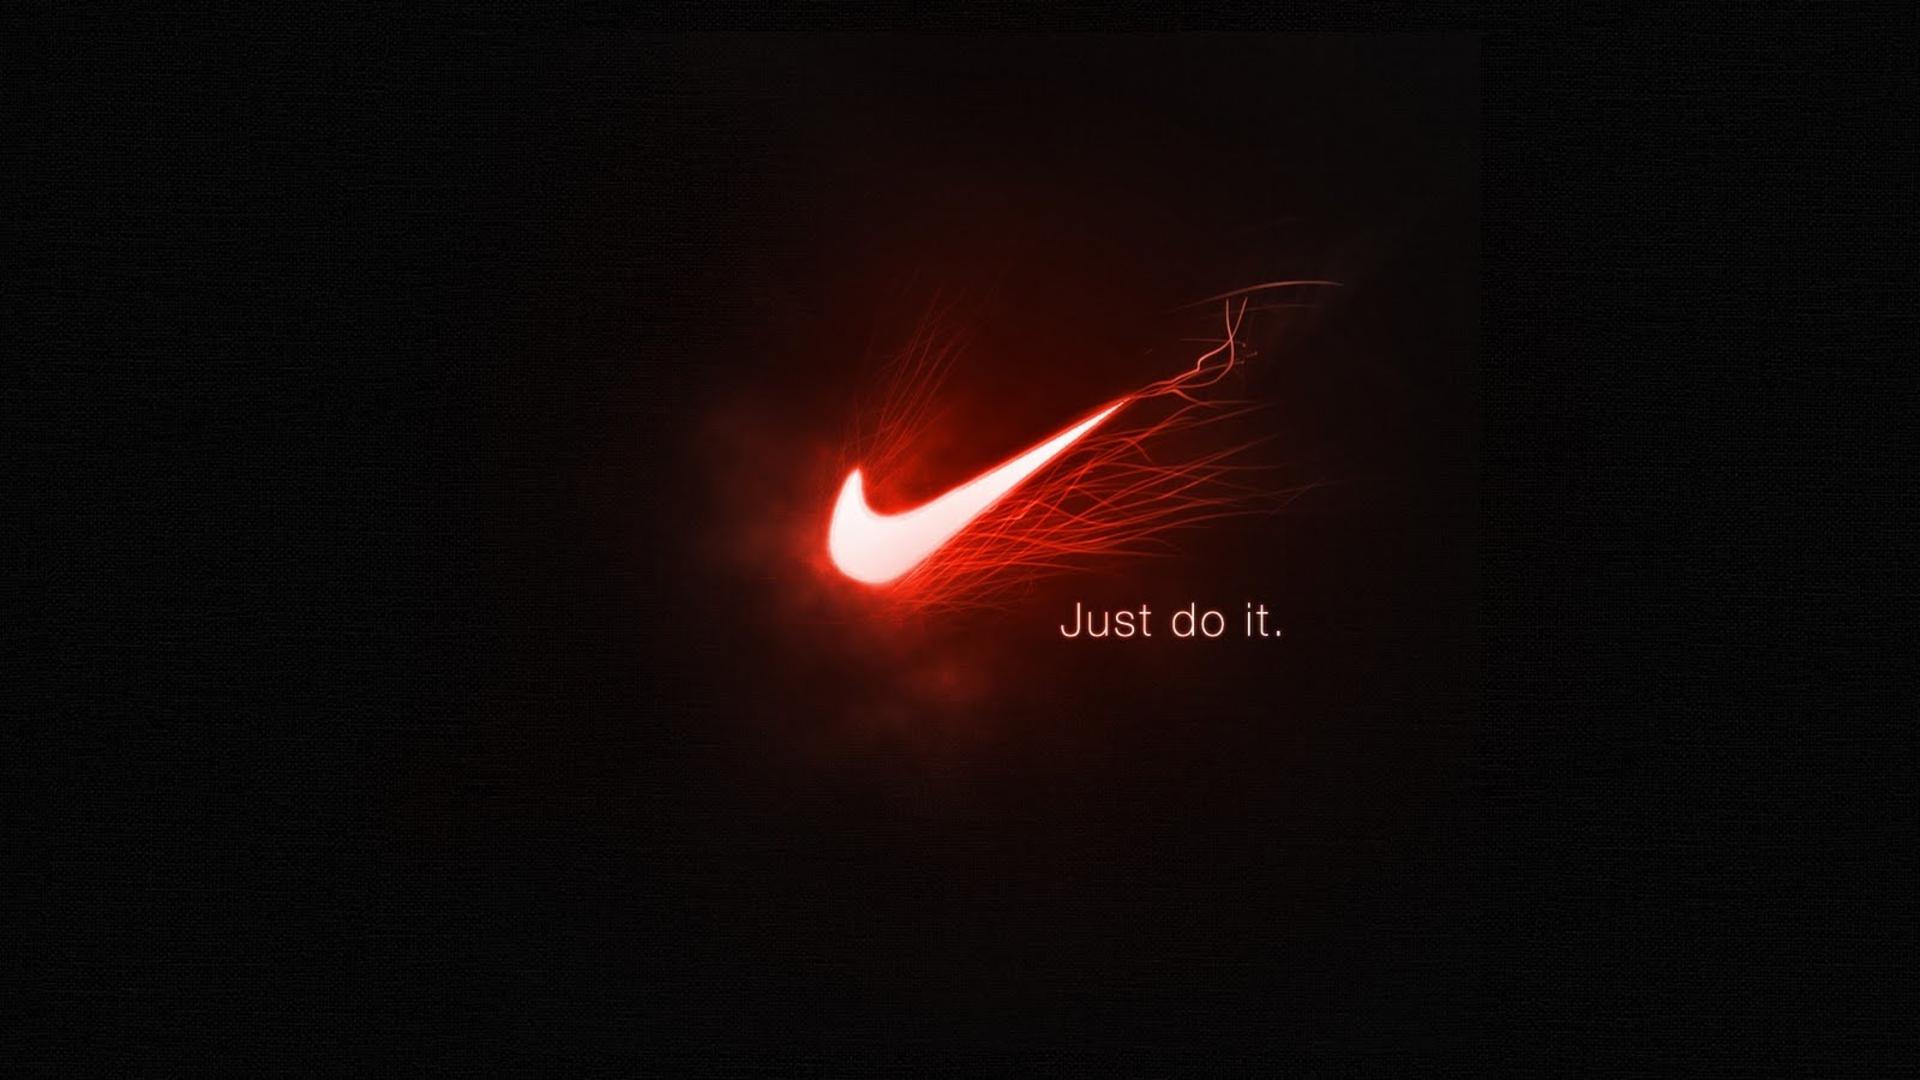 Nike Just Do It Hd Wallpaper 1920x1080 Gludy